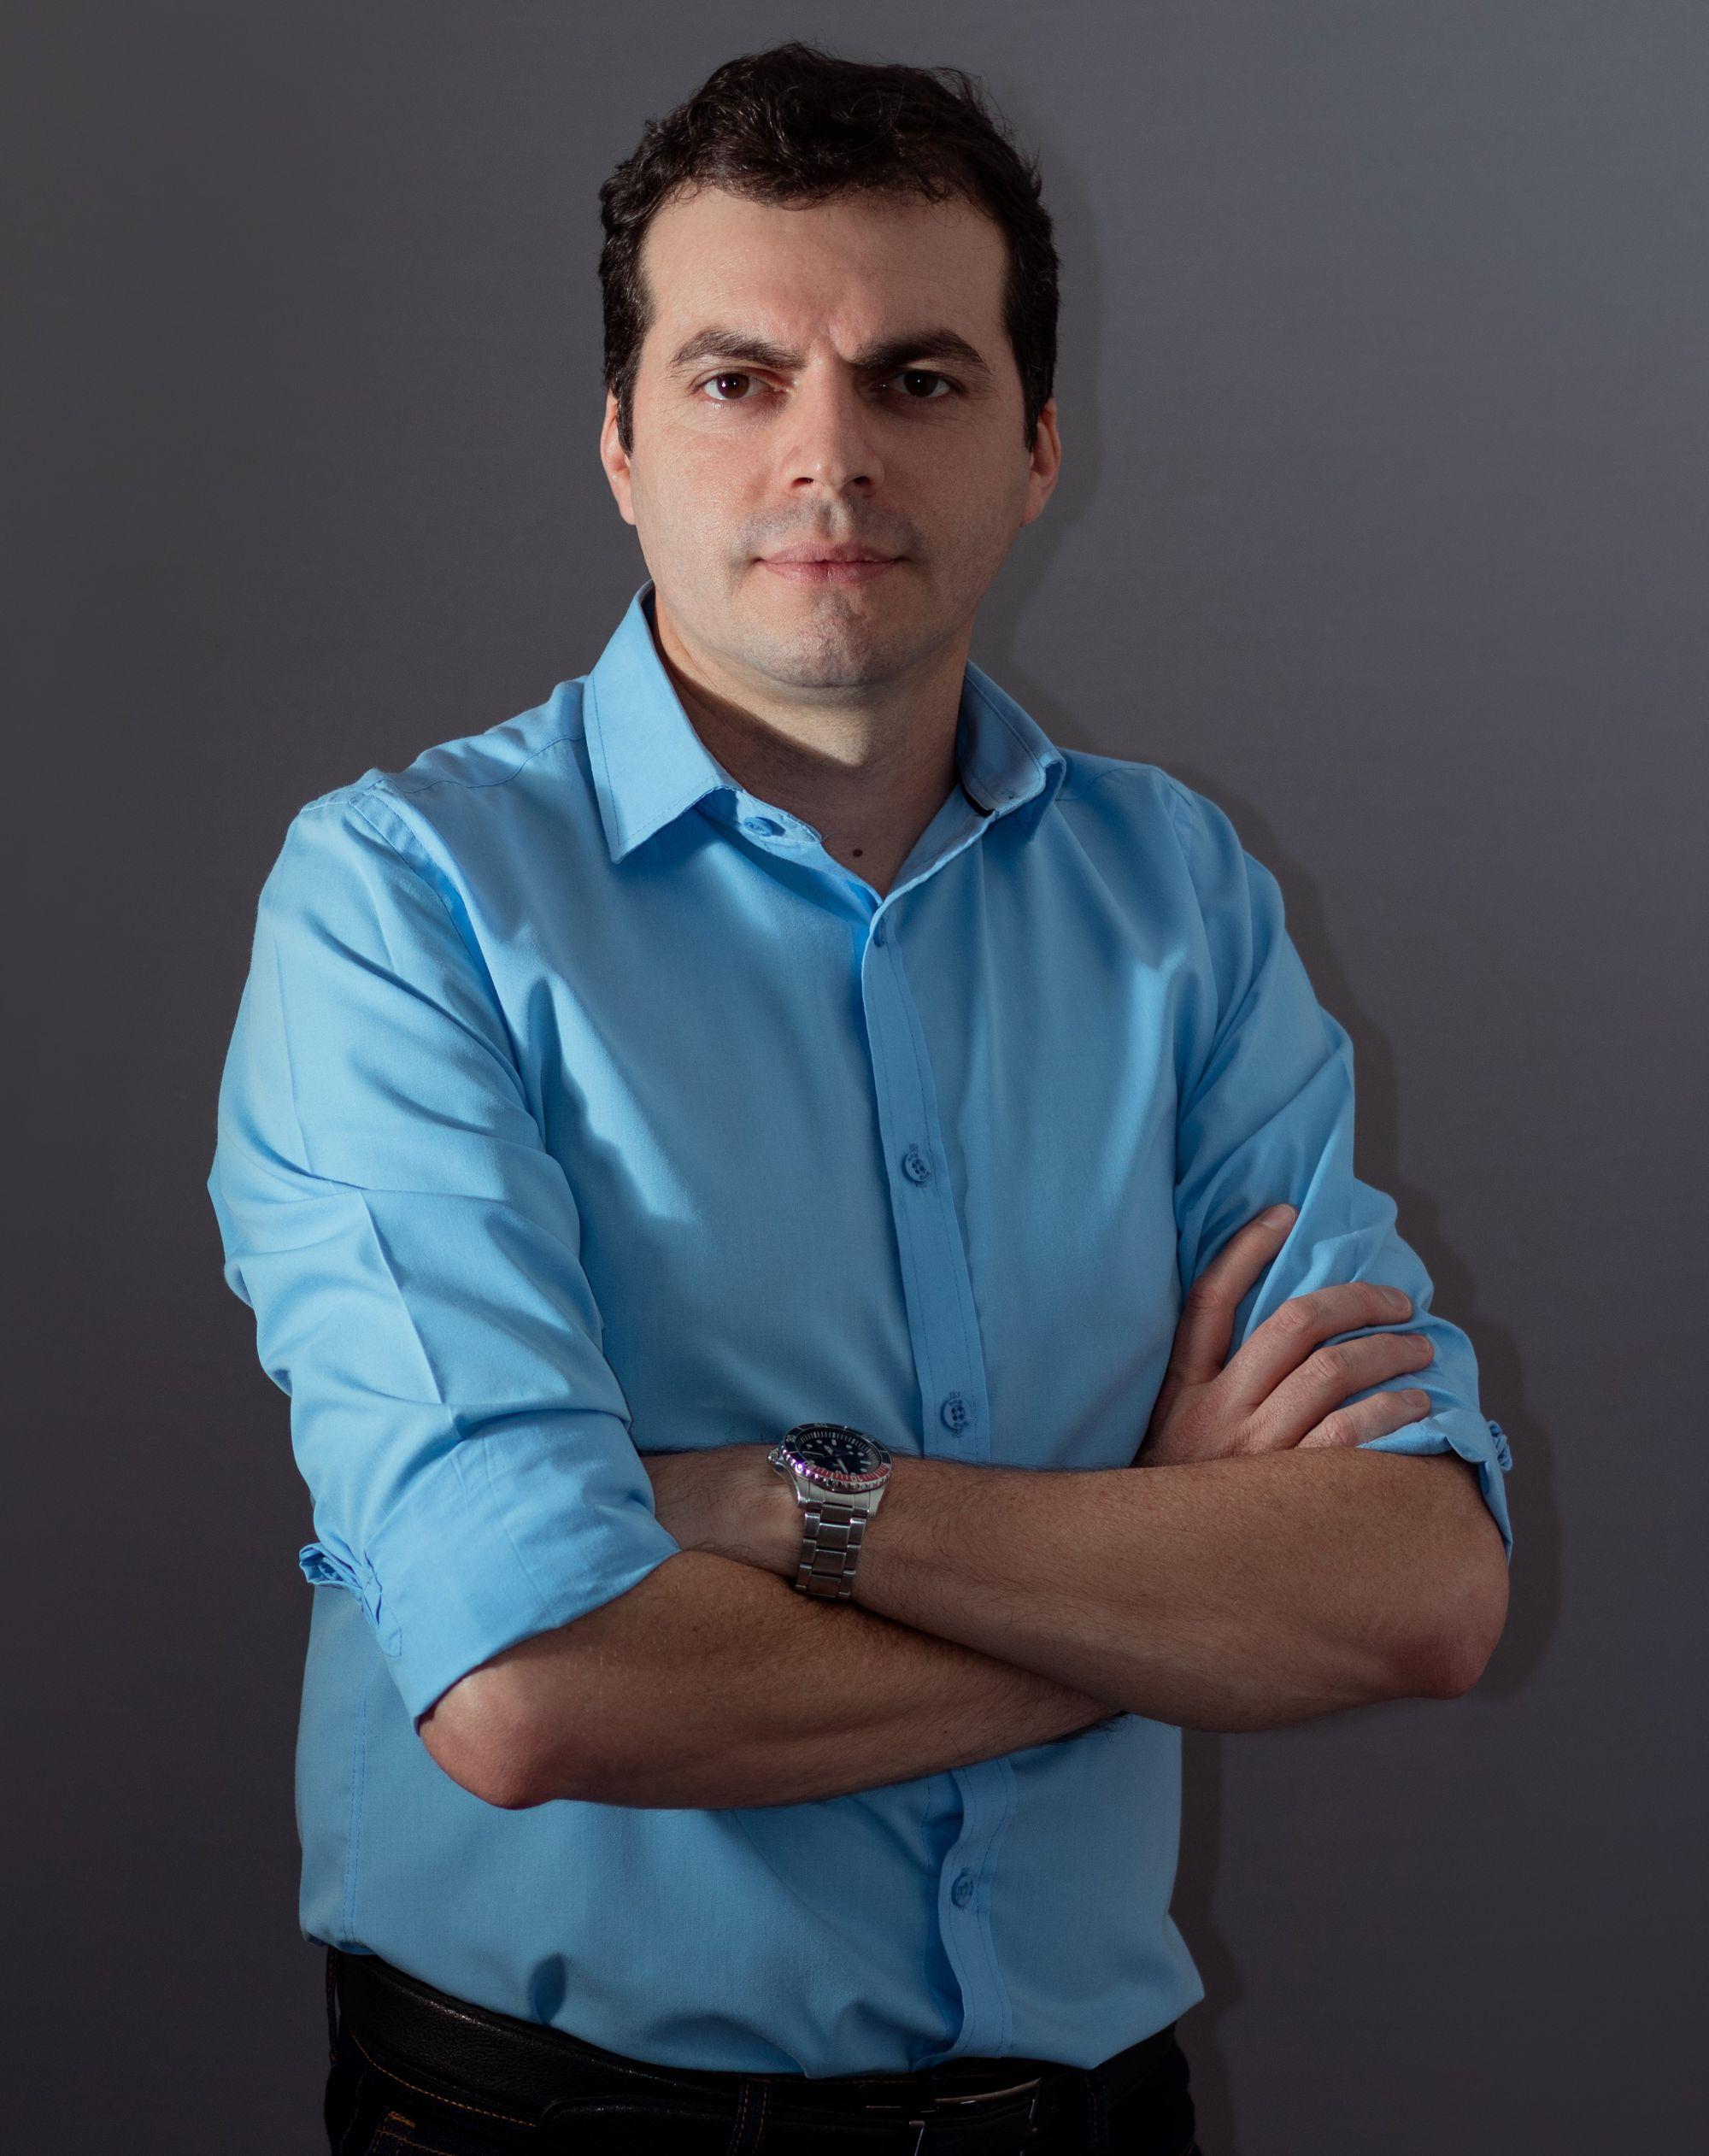 Gustavo de Souza Cardoso